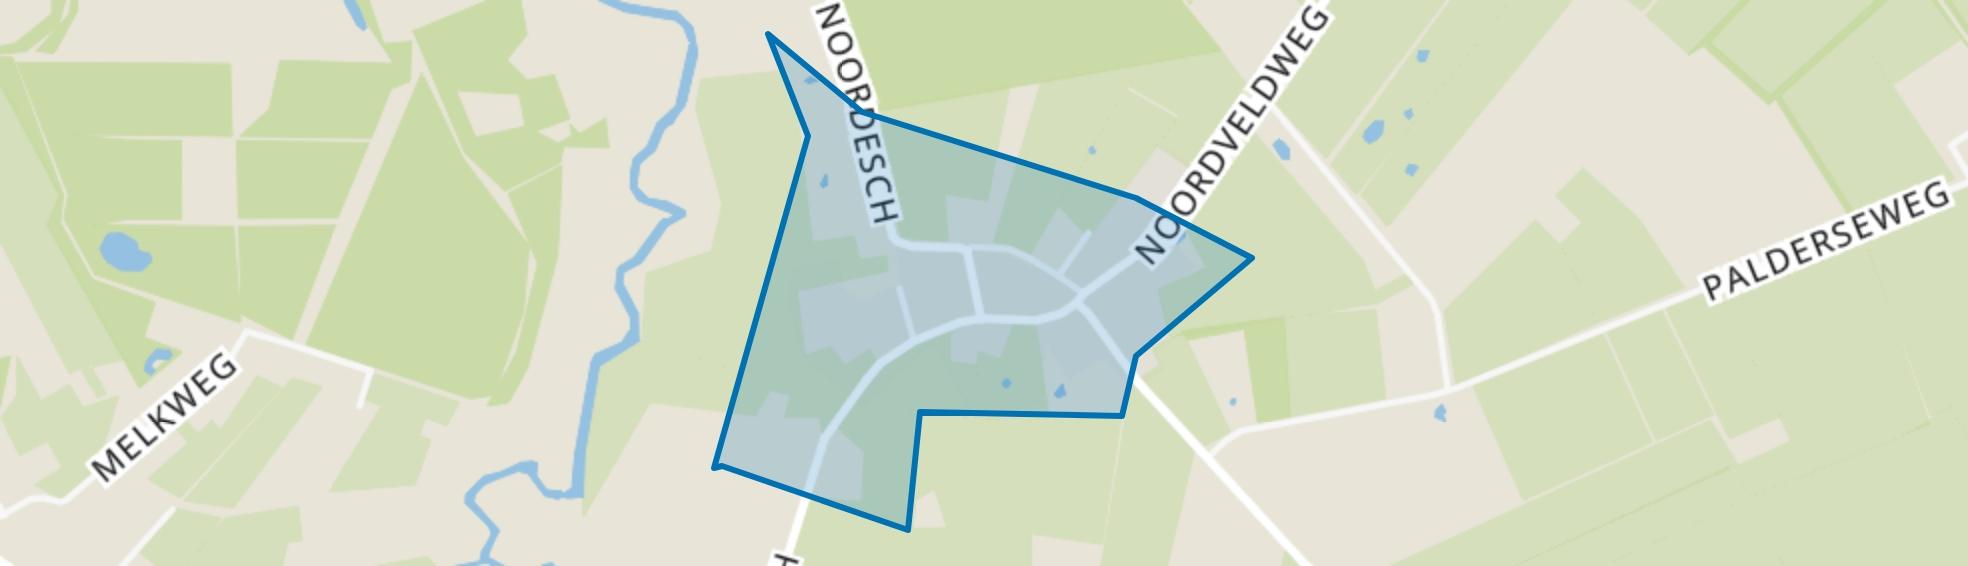 Lieveren, Lieveren map